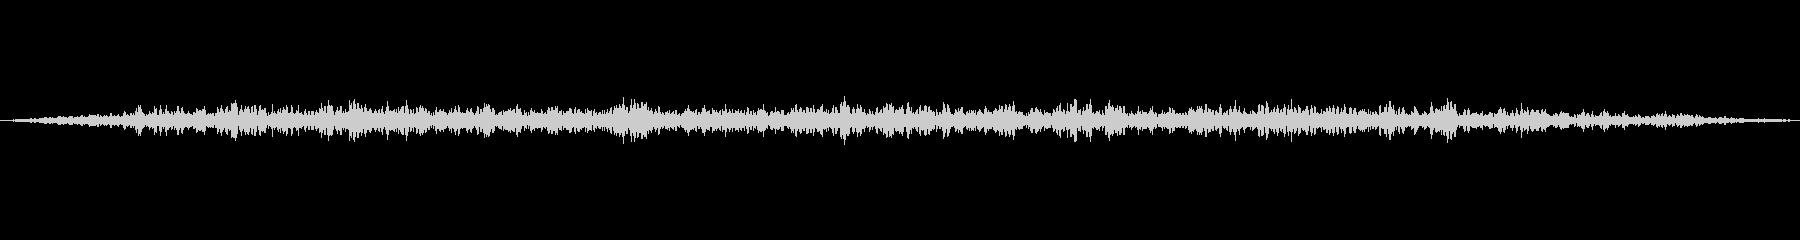 ジーーーー(ギターアンプノイズの音)の未再生の波形